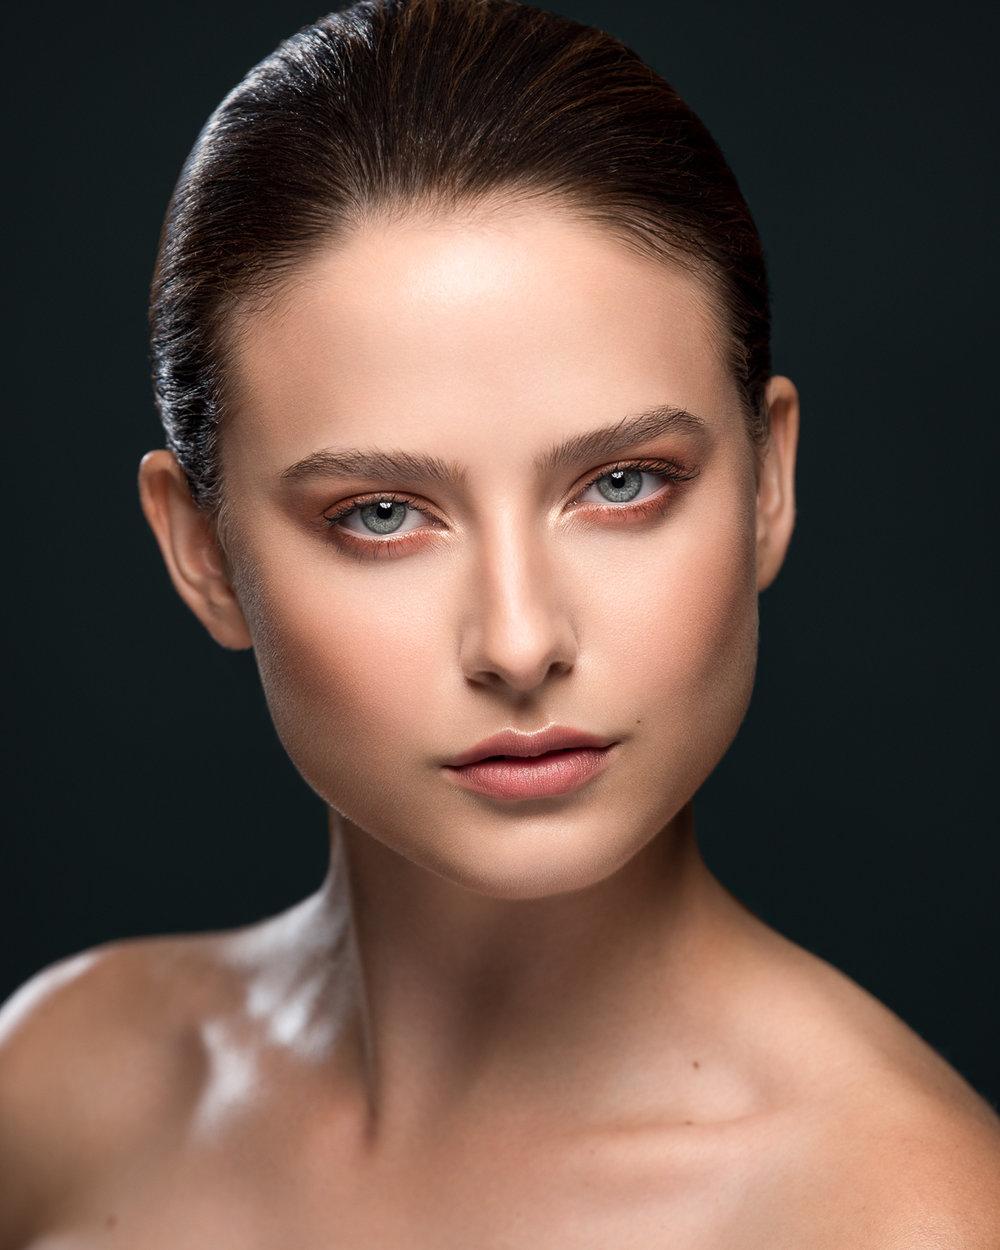 Model: Hannah Harrelson  Makeup: Erica Basha  Hair: Sarah Khan  Photo/retouch: Chris Langford